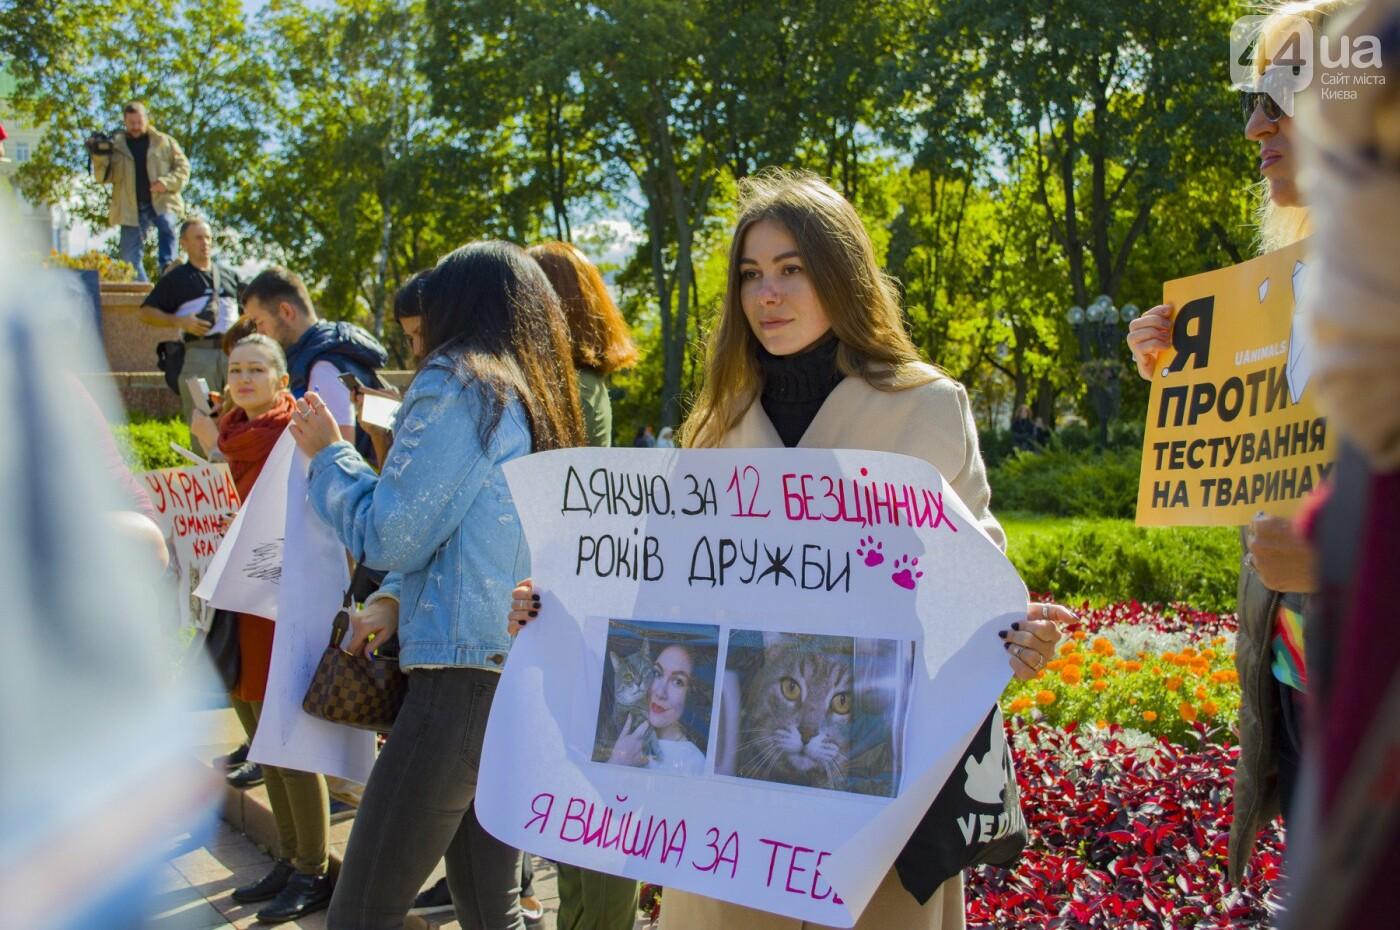 Собаки, коты и хомячки: в Киеве прошла акция за права животных, - ФОТОРЕПОРТАЖ, фото-10